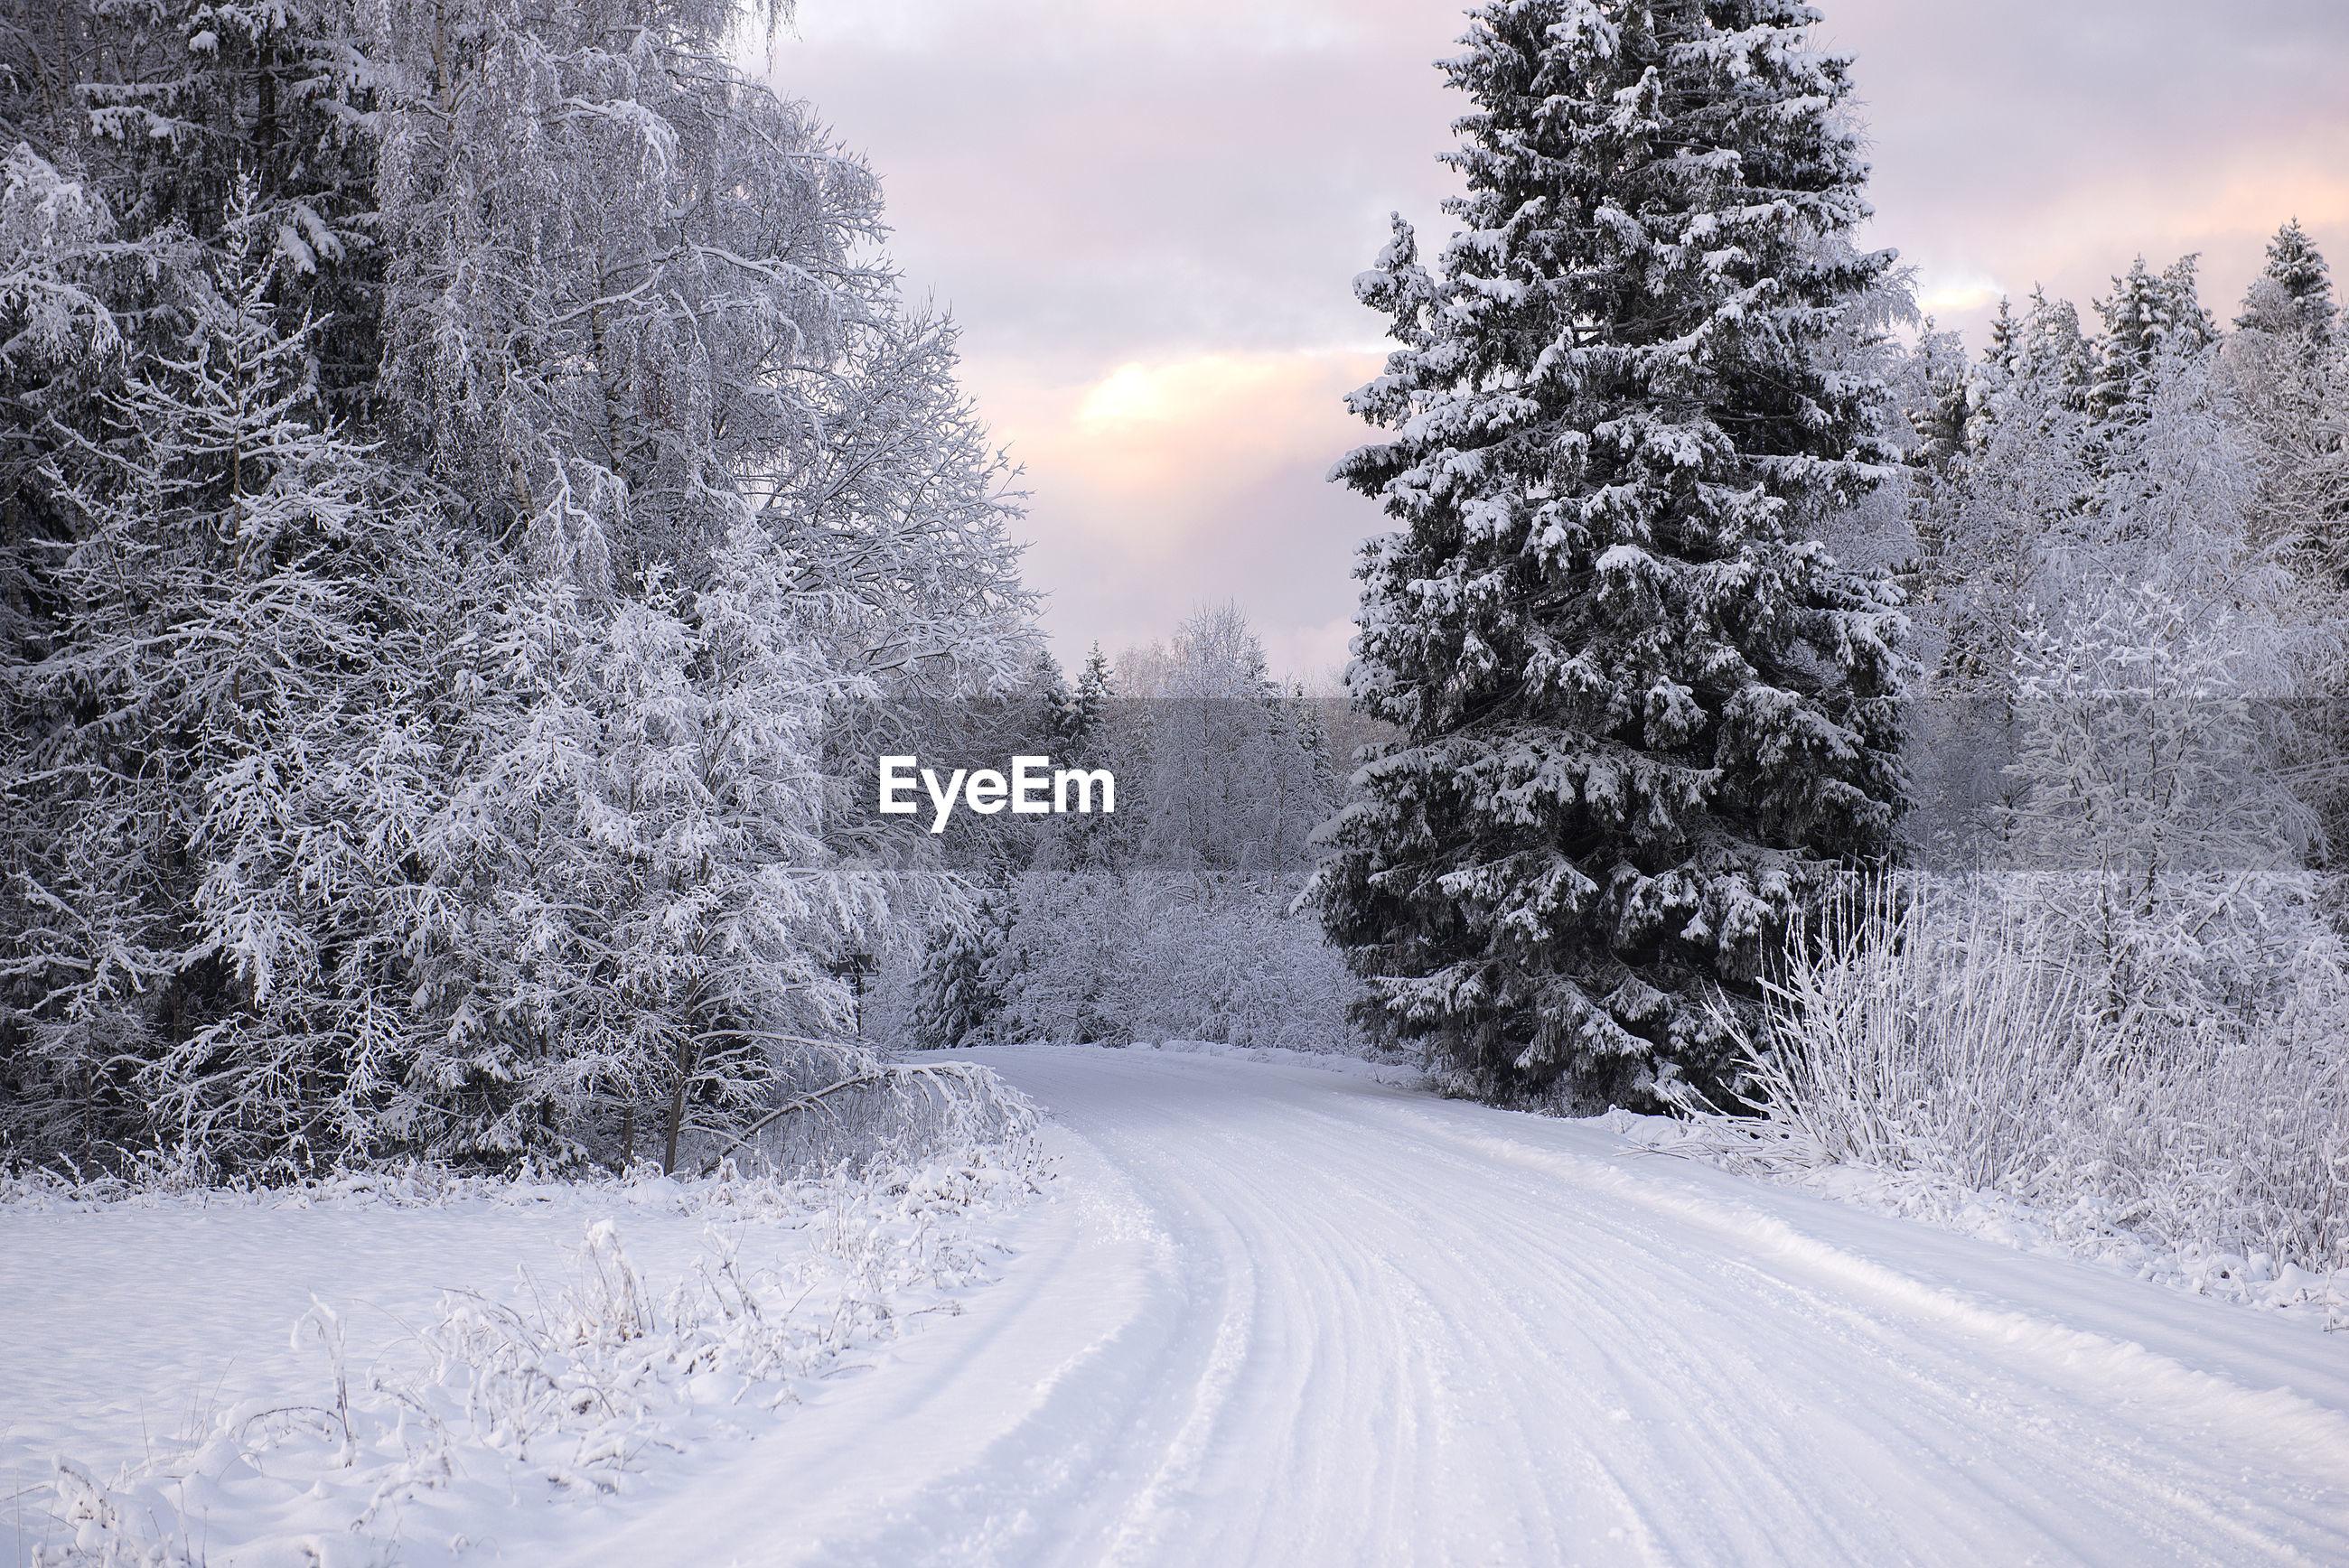 Snowy winter road landscape